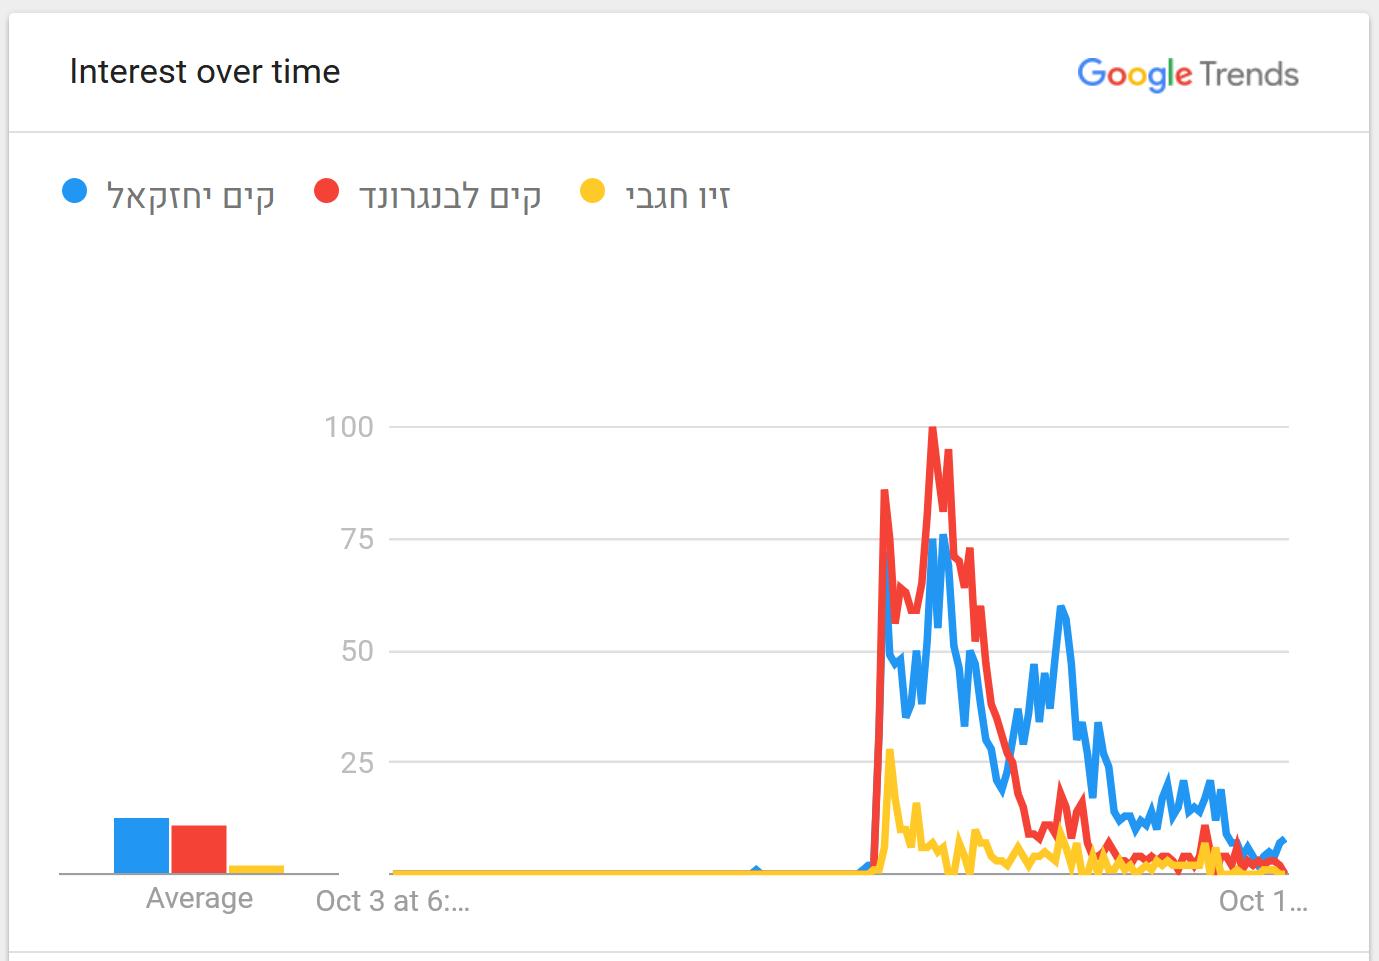 השוואת חיפושי זיו חג'בי וקים לבנגרונד-יחזקאל 📷 גוגל טרנדז